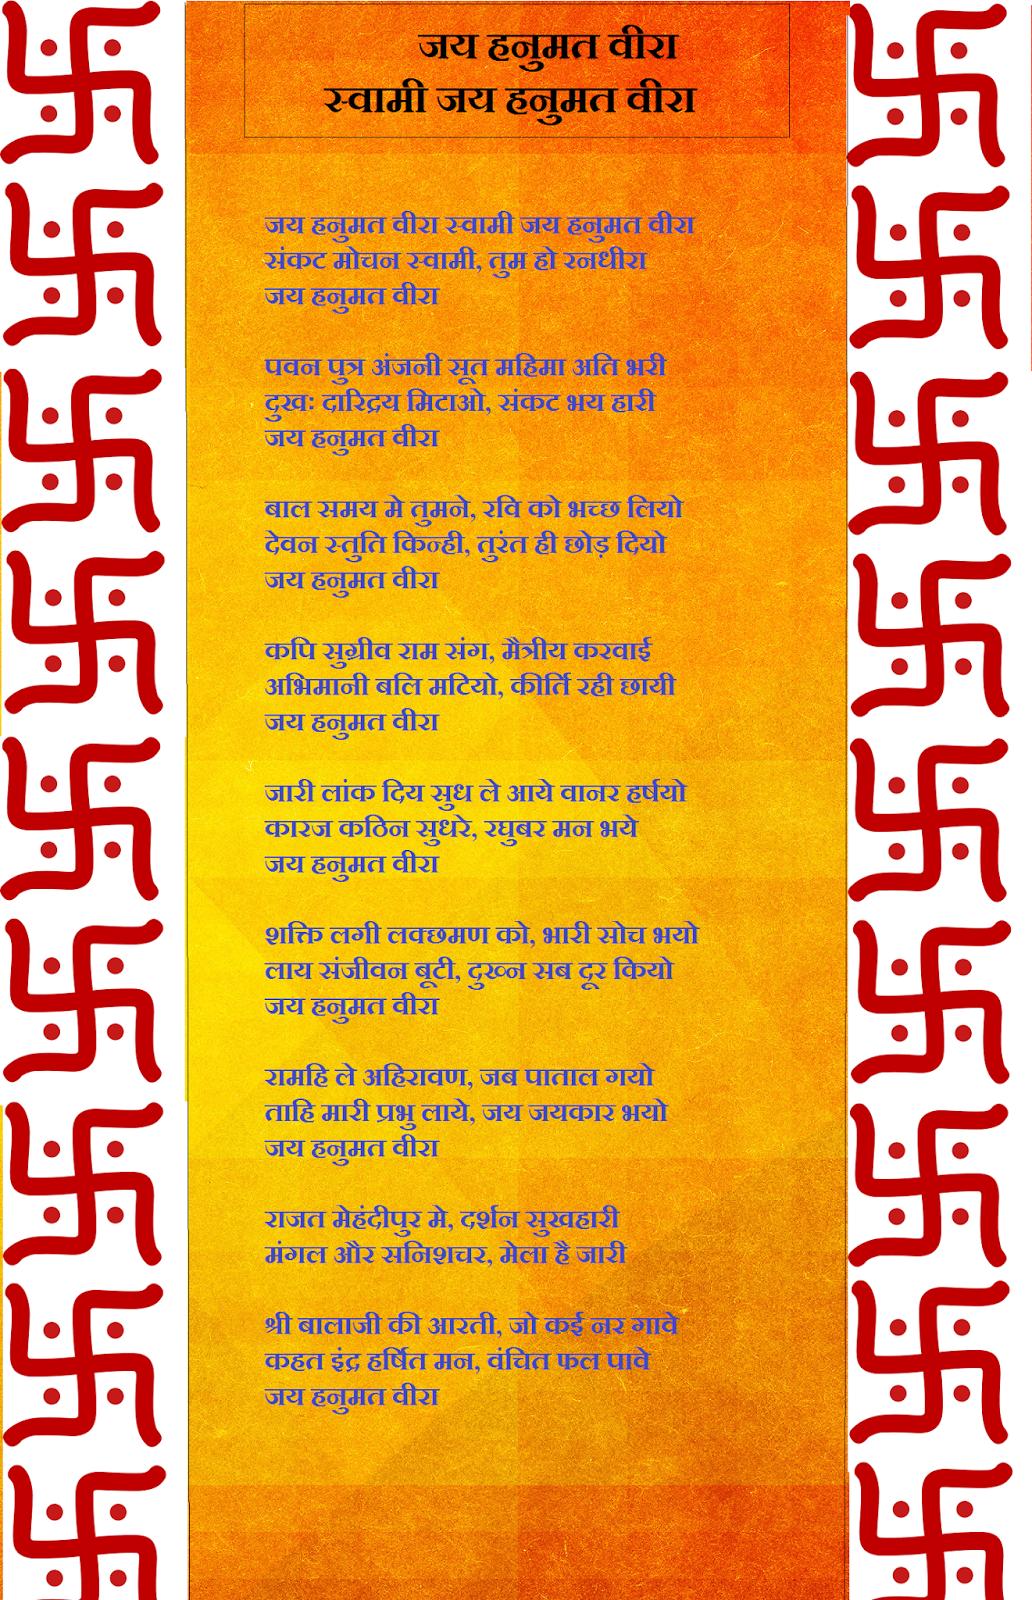 मेहंदीपुर बालाजी आरती - Mehandipur Balaji Ki Aarti